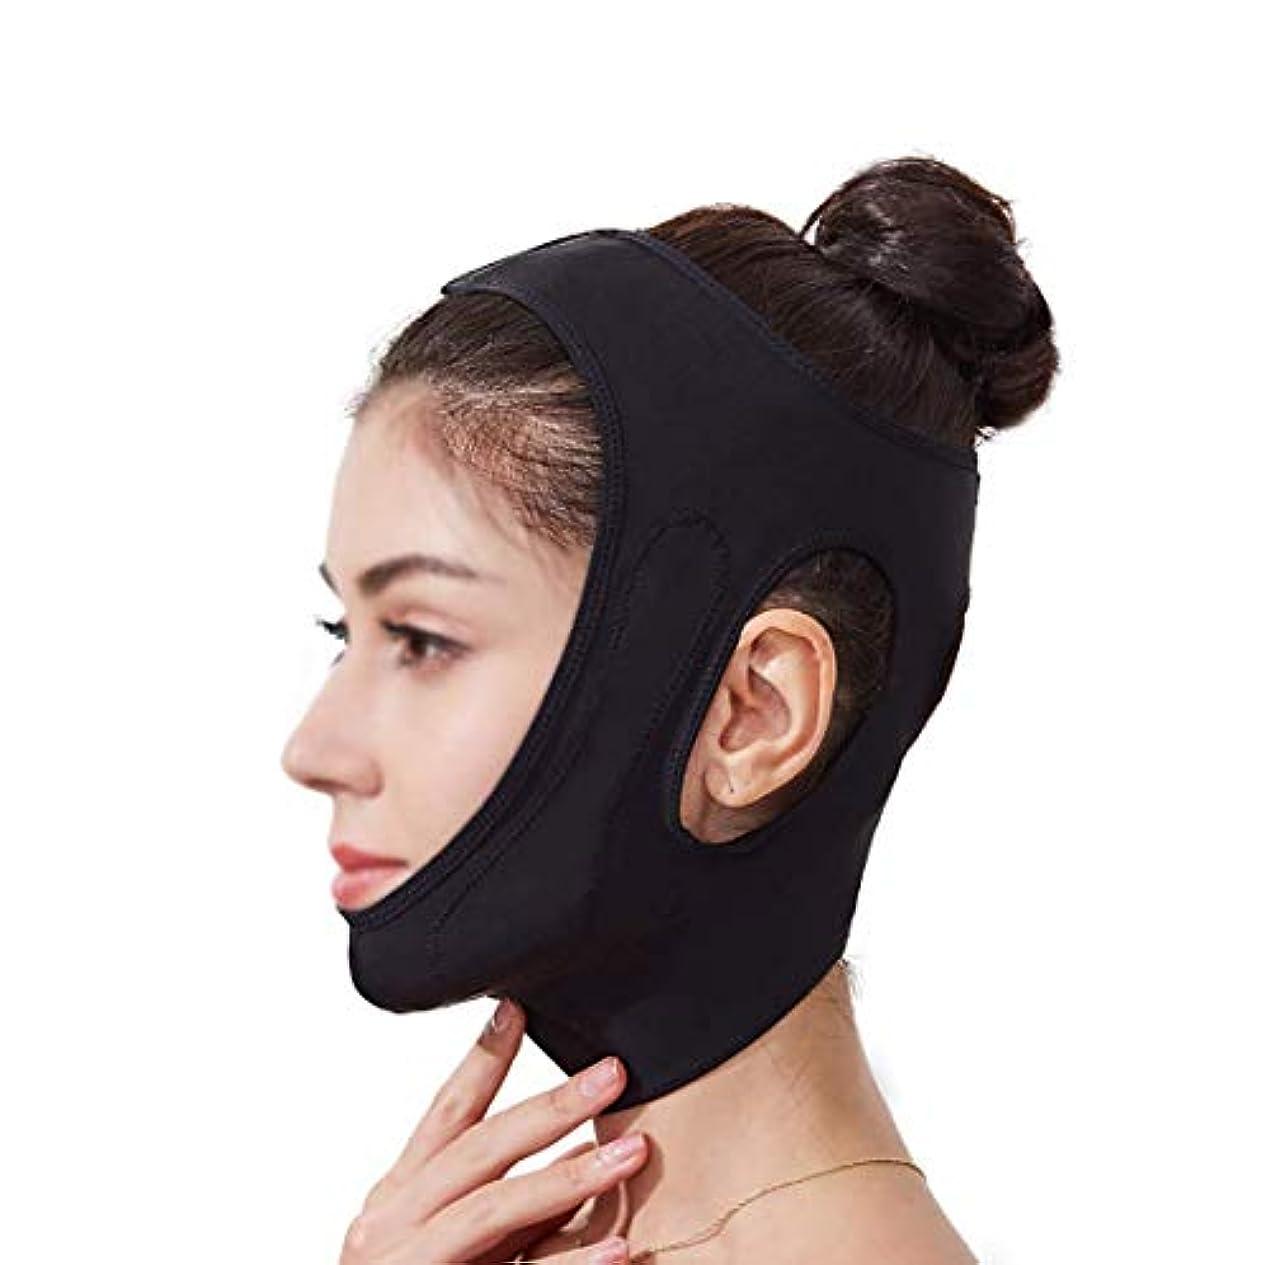 朝の体操をするフロンティアクーポンフェイスリフティングマスク、360°オールラウンドリフティングフェイシャルコンター、あごを閉じて肌を引き締め、快適でフェイスライトをサポートし、通気性を保ちます(サイズ:ブラック),ブラック